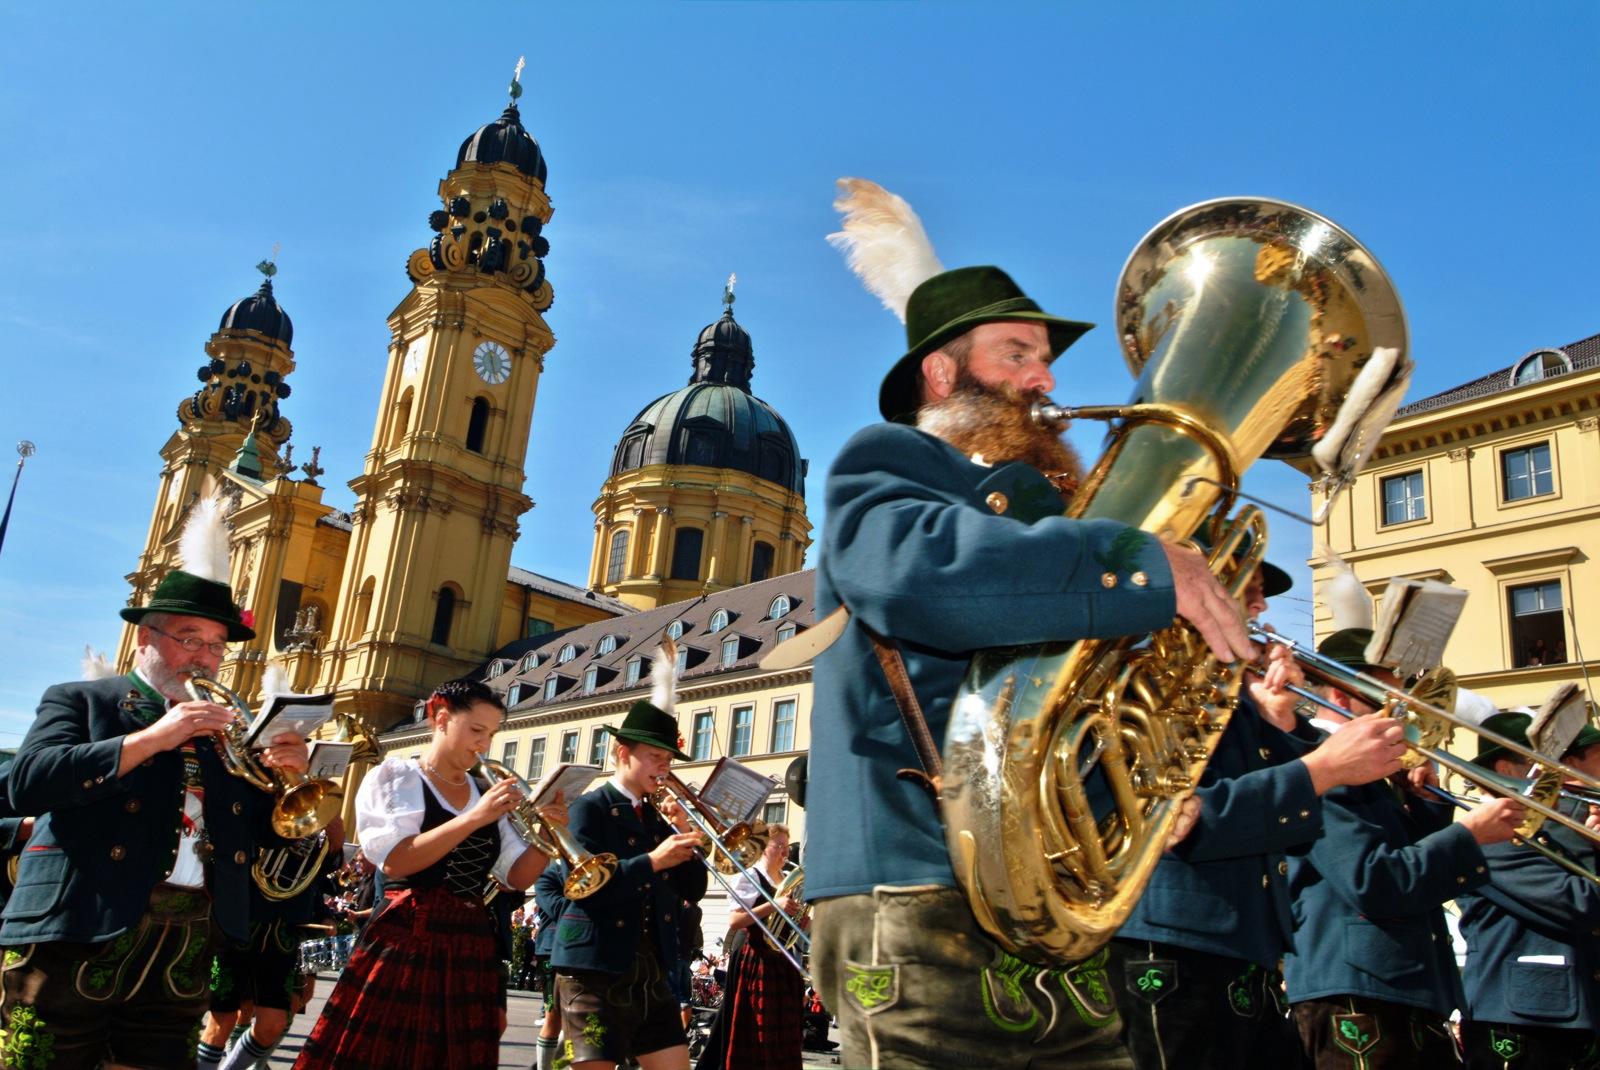 انشطة في المانيا - انشطة طلابية في المانيا - مهرجان أكتوبر